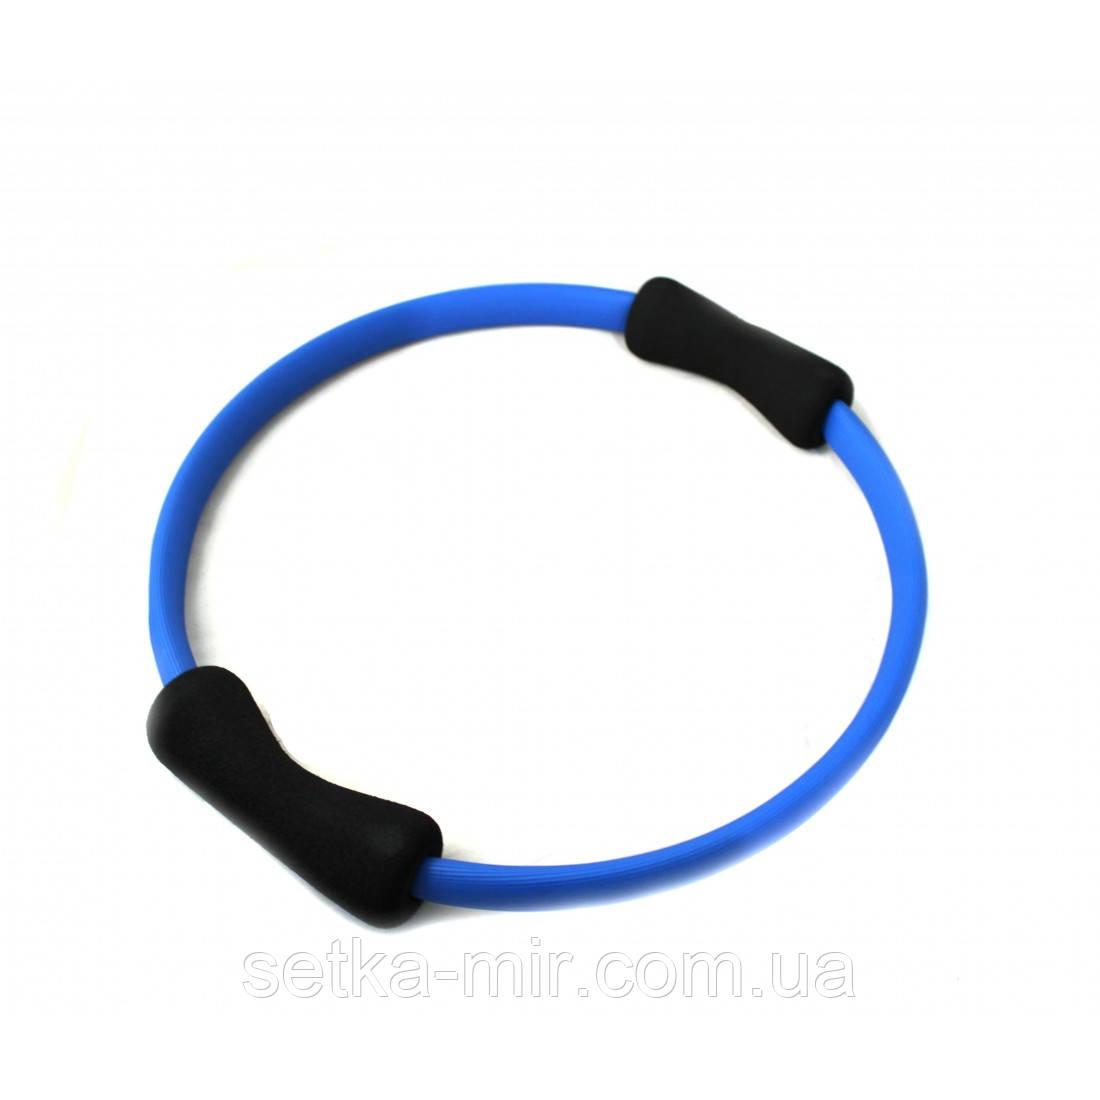 Кольцо для пилатеса LiveUp PILATES RING